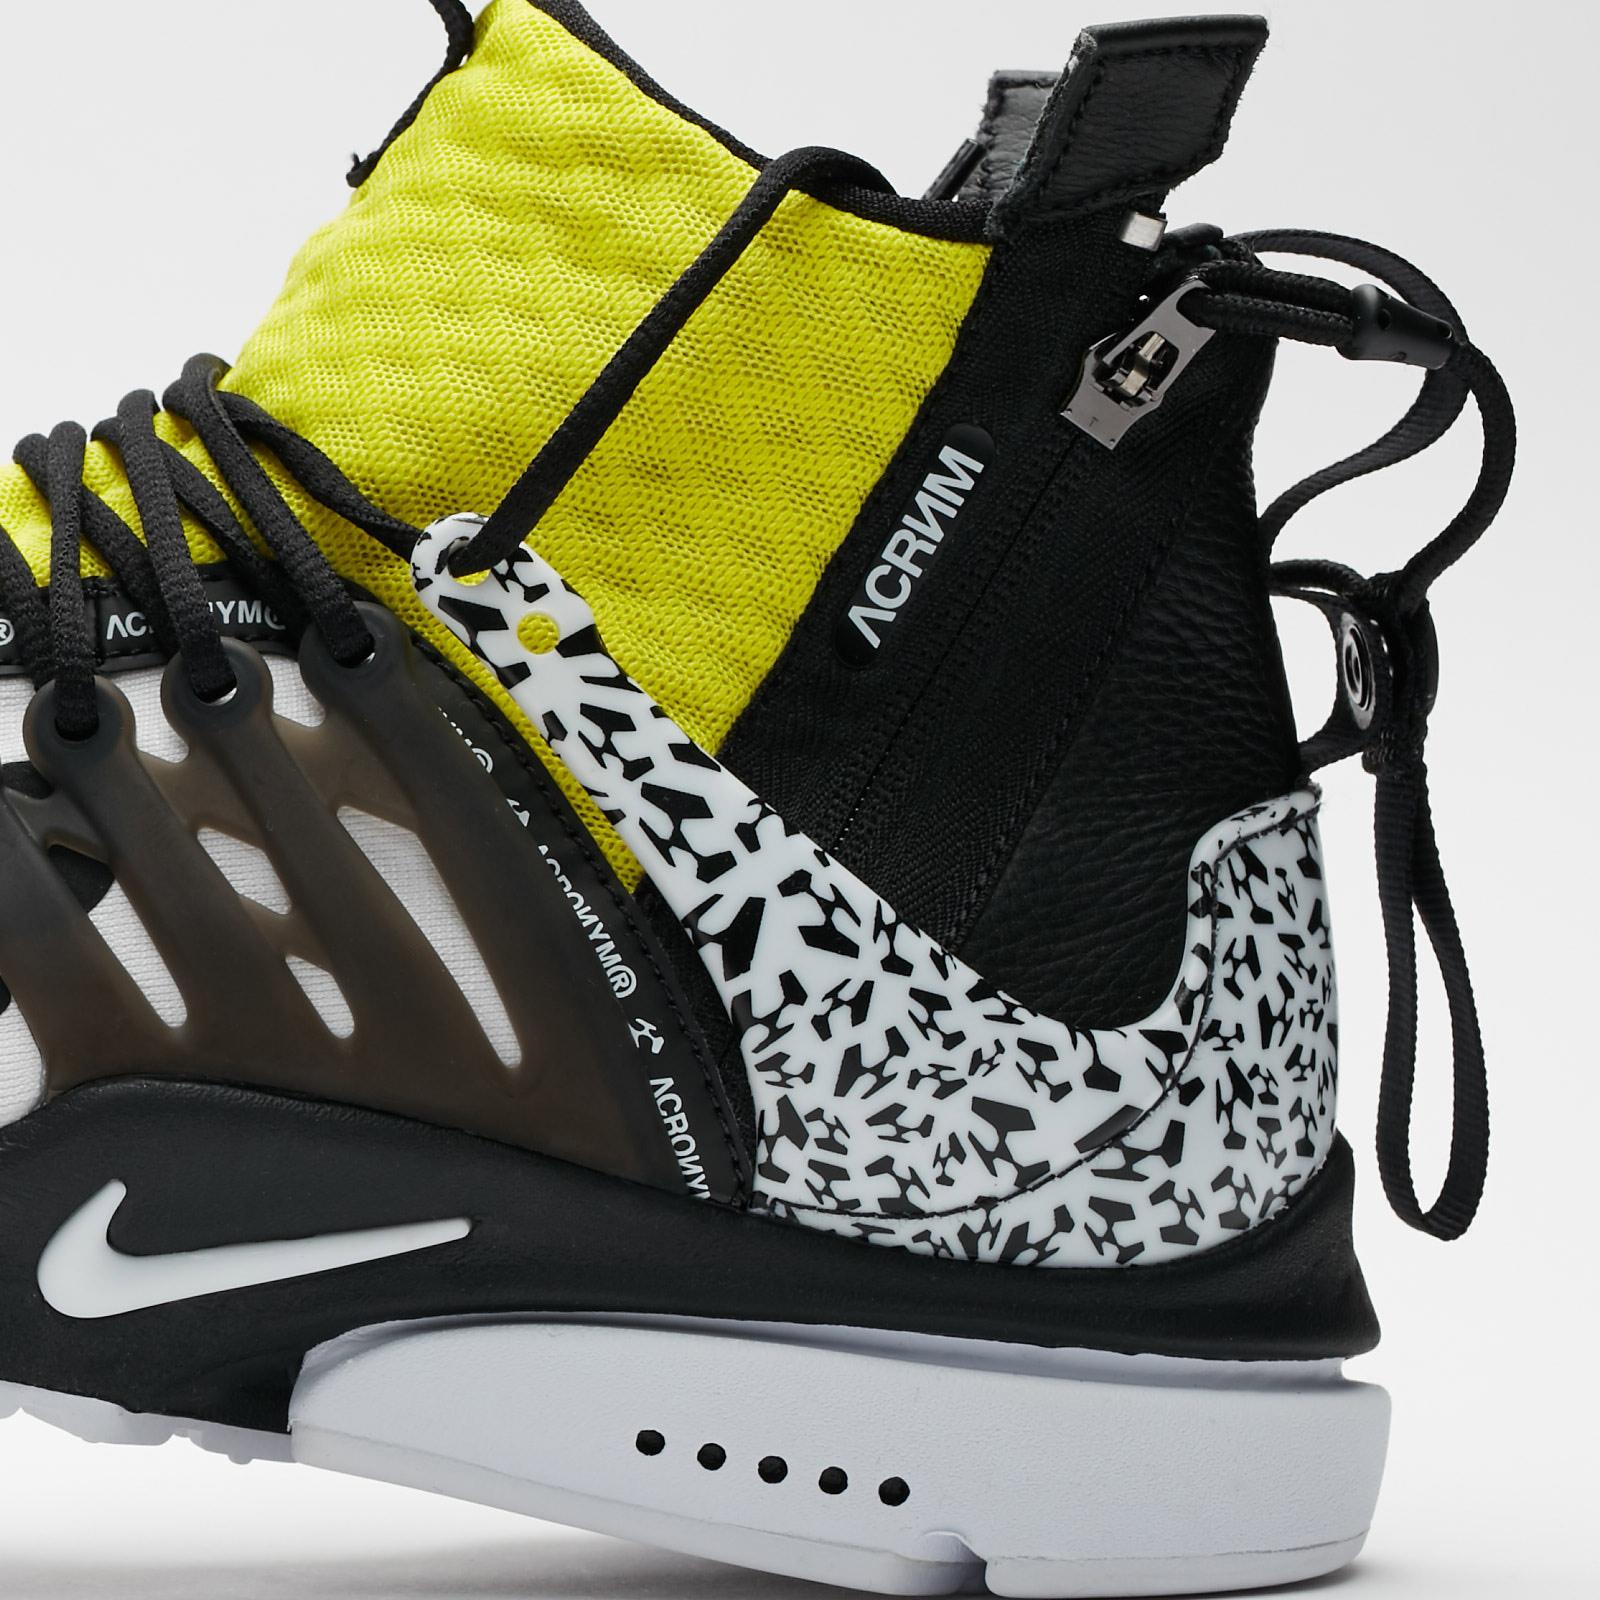 Nike Air Presto Mid x Acronym - Ah7832